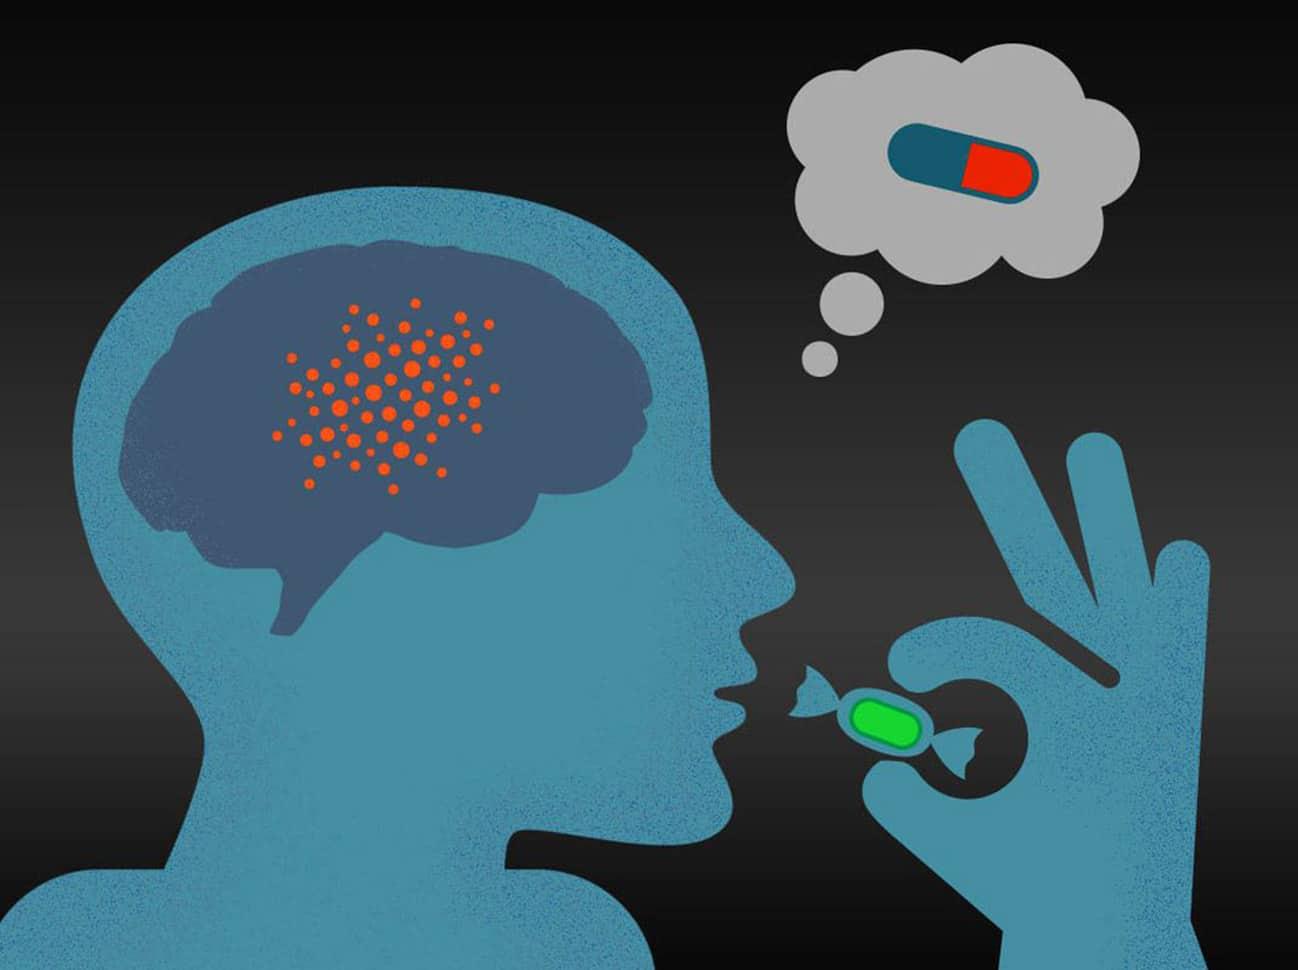 Se o placebo não for o comprimido, então o que pode ser?